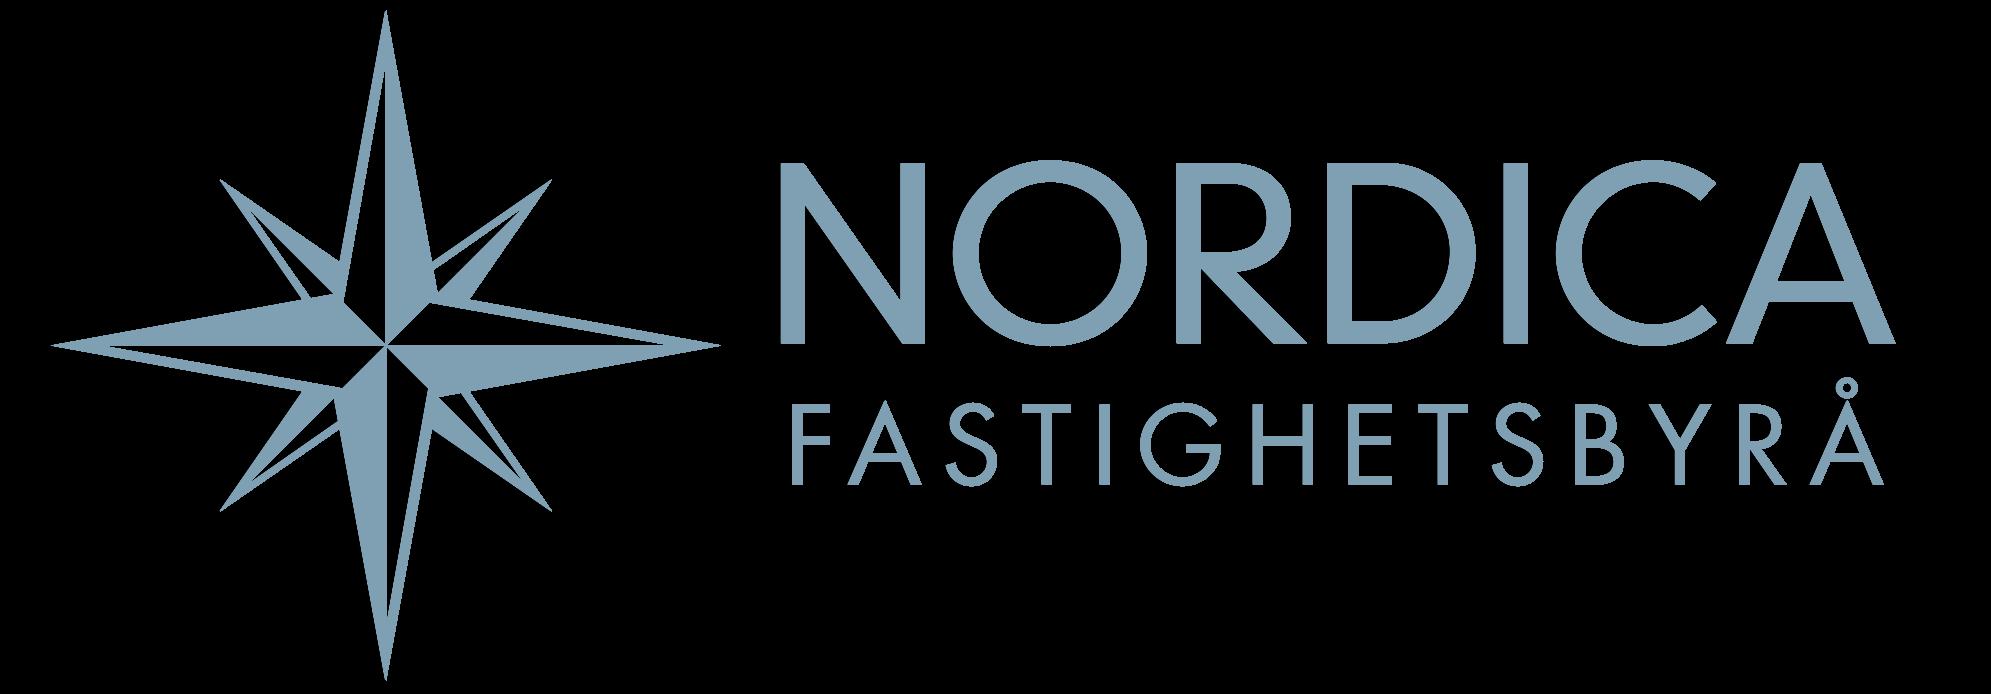 Nordica Fastighetsbyrå